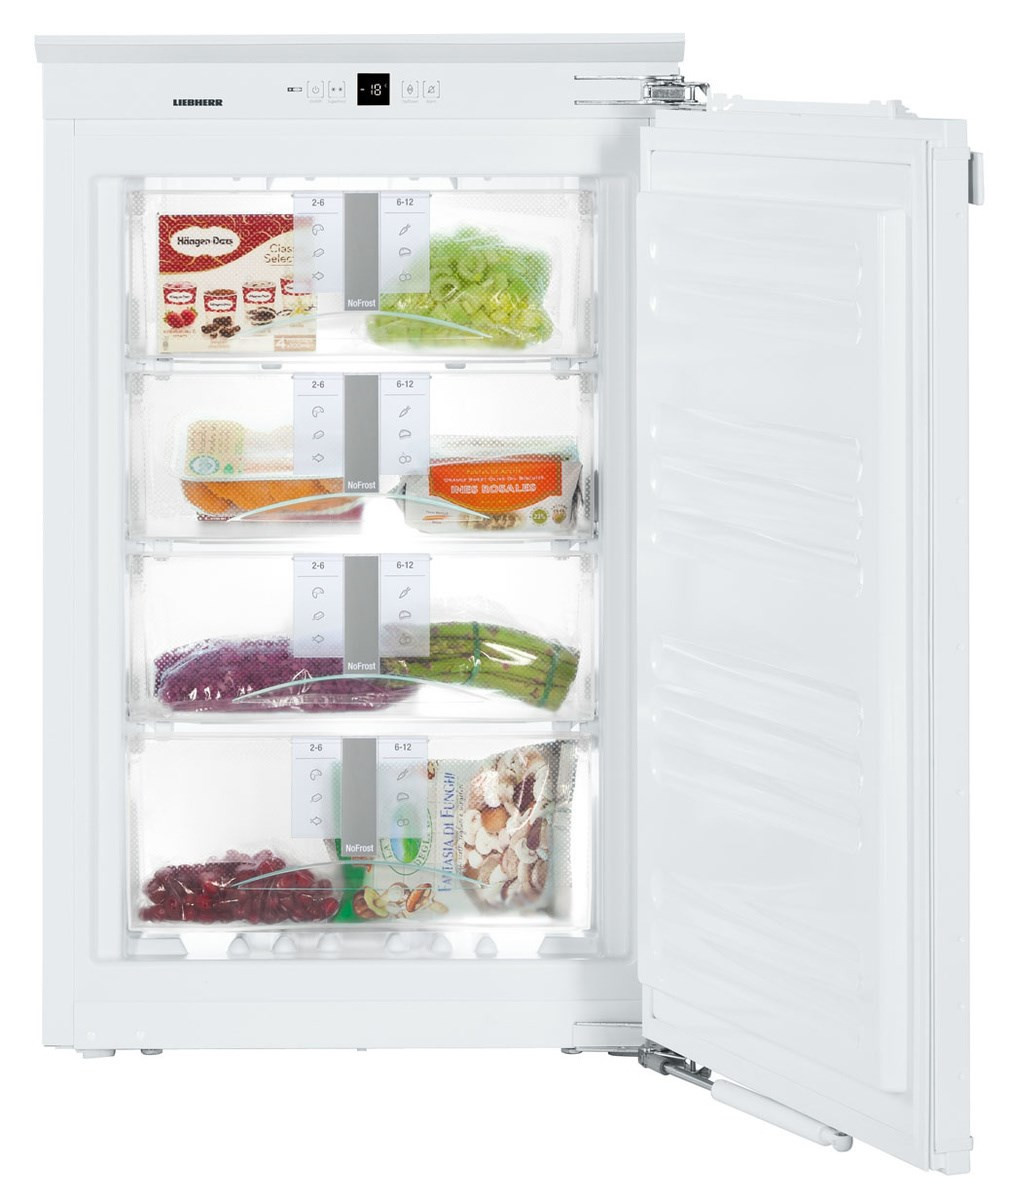 Liebherr IGN1664 Built-In Premium White Freezer